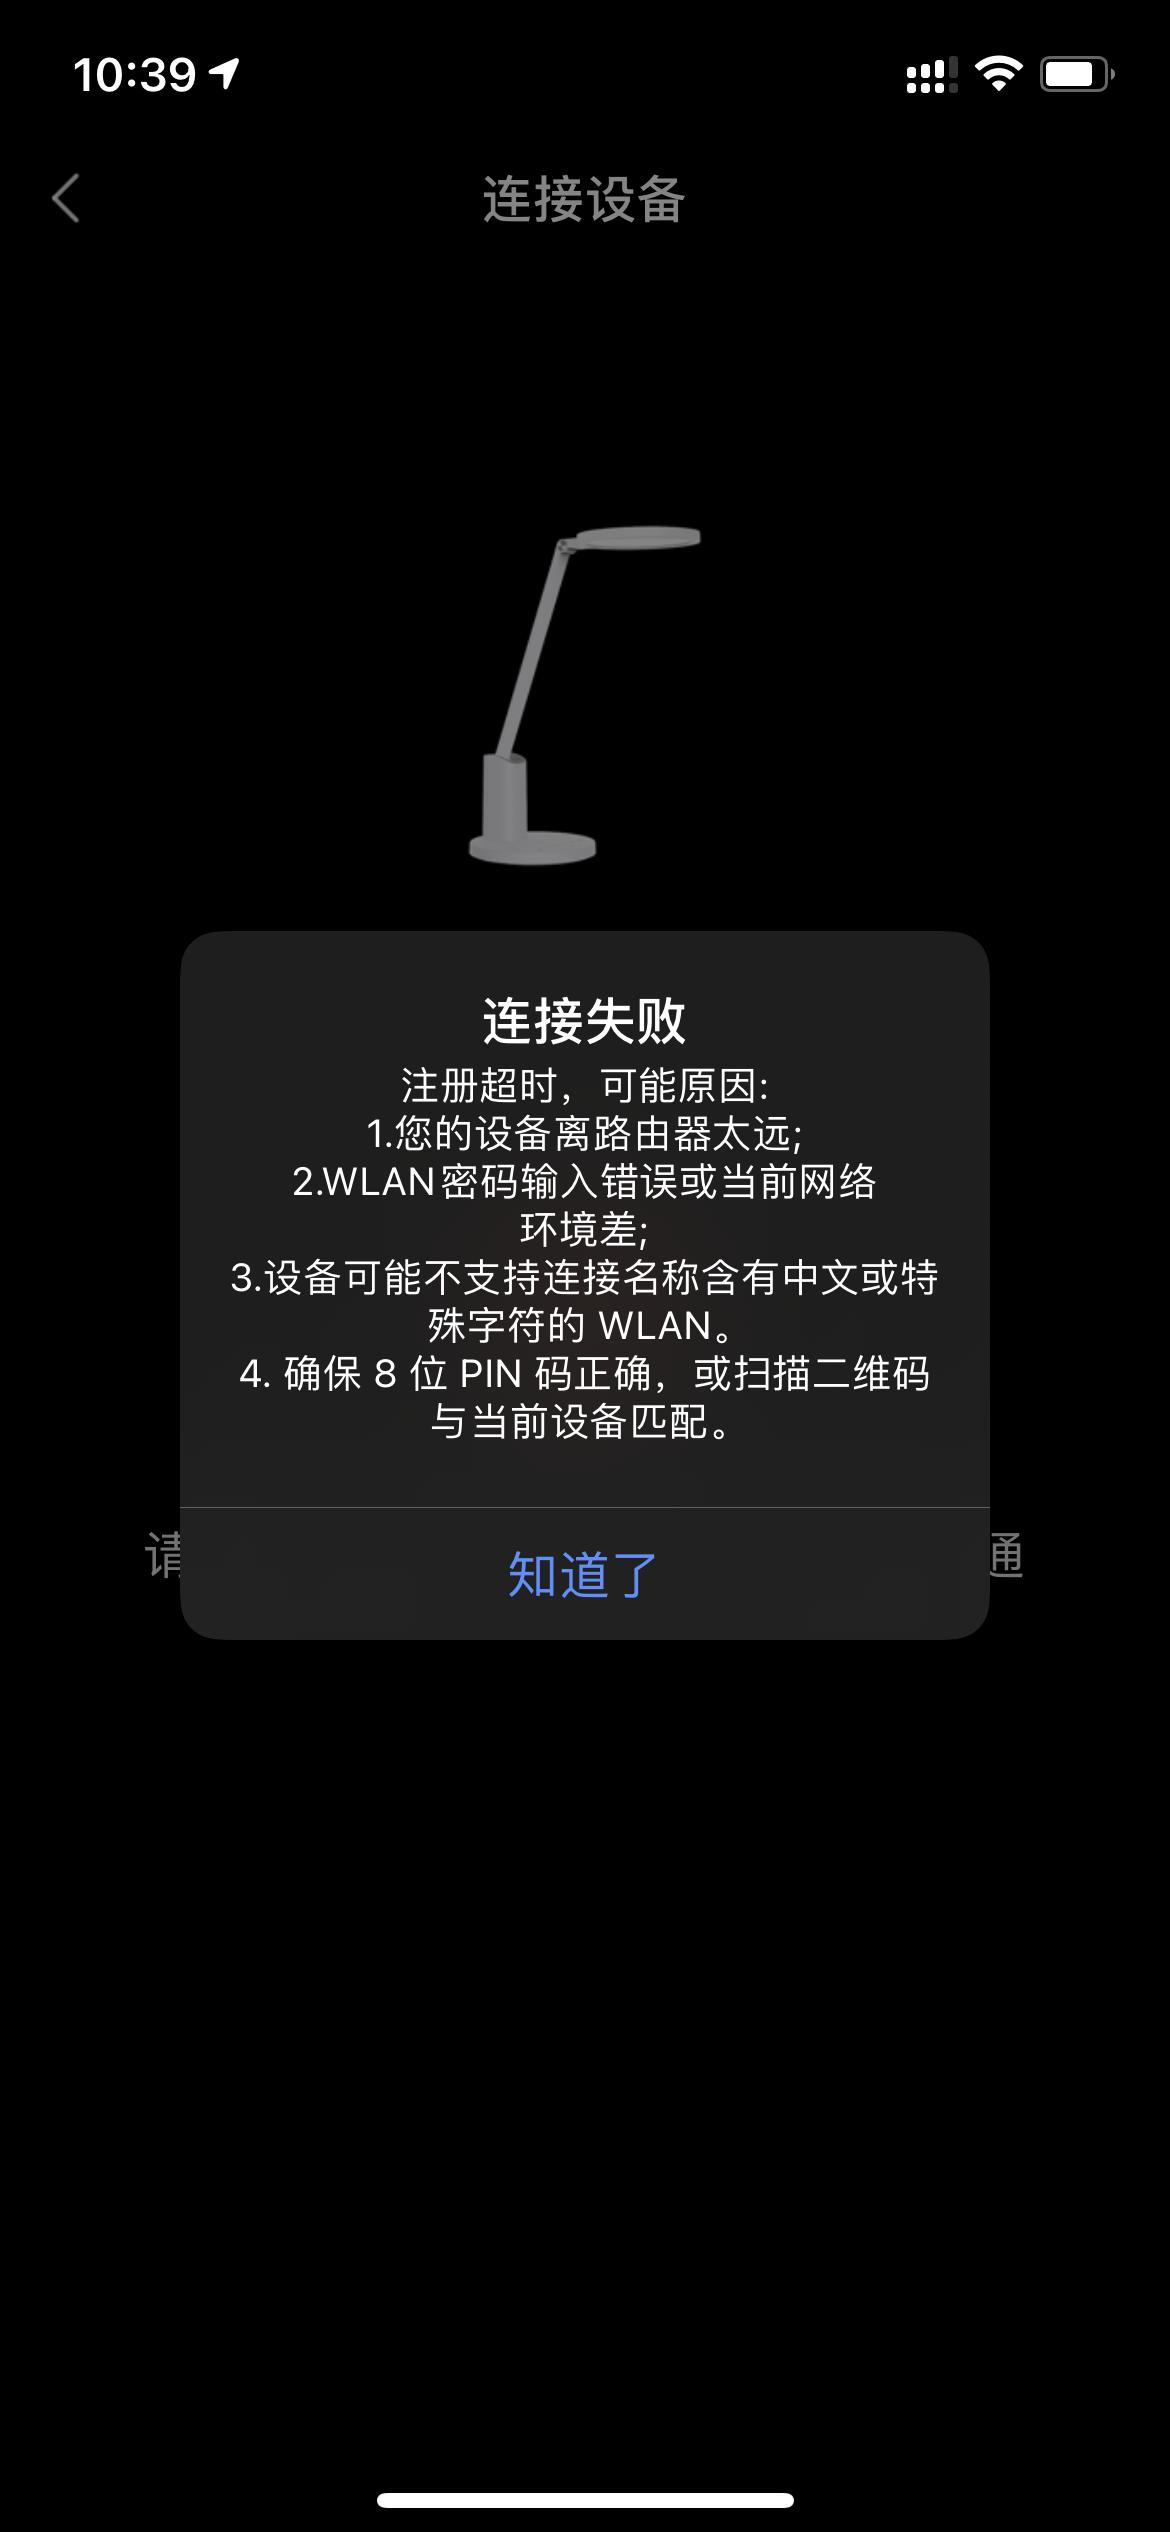 7BFADB2D-627C-4964-9CE2-75C834E8EC35.png